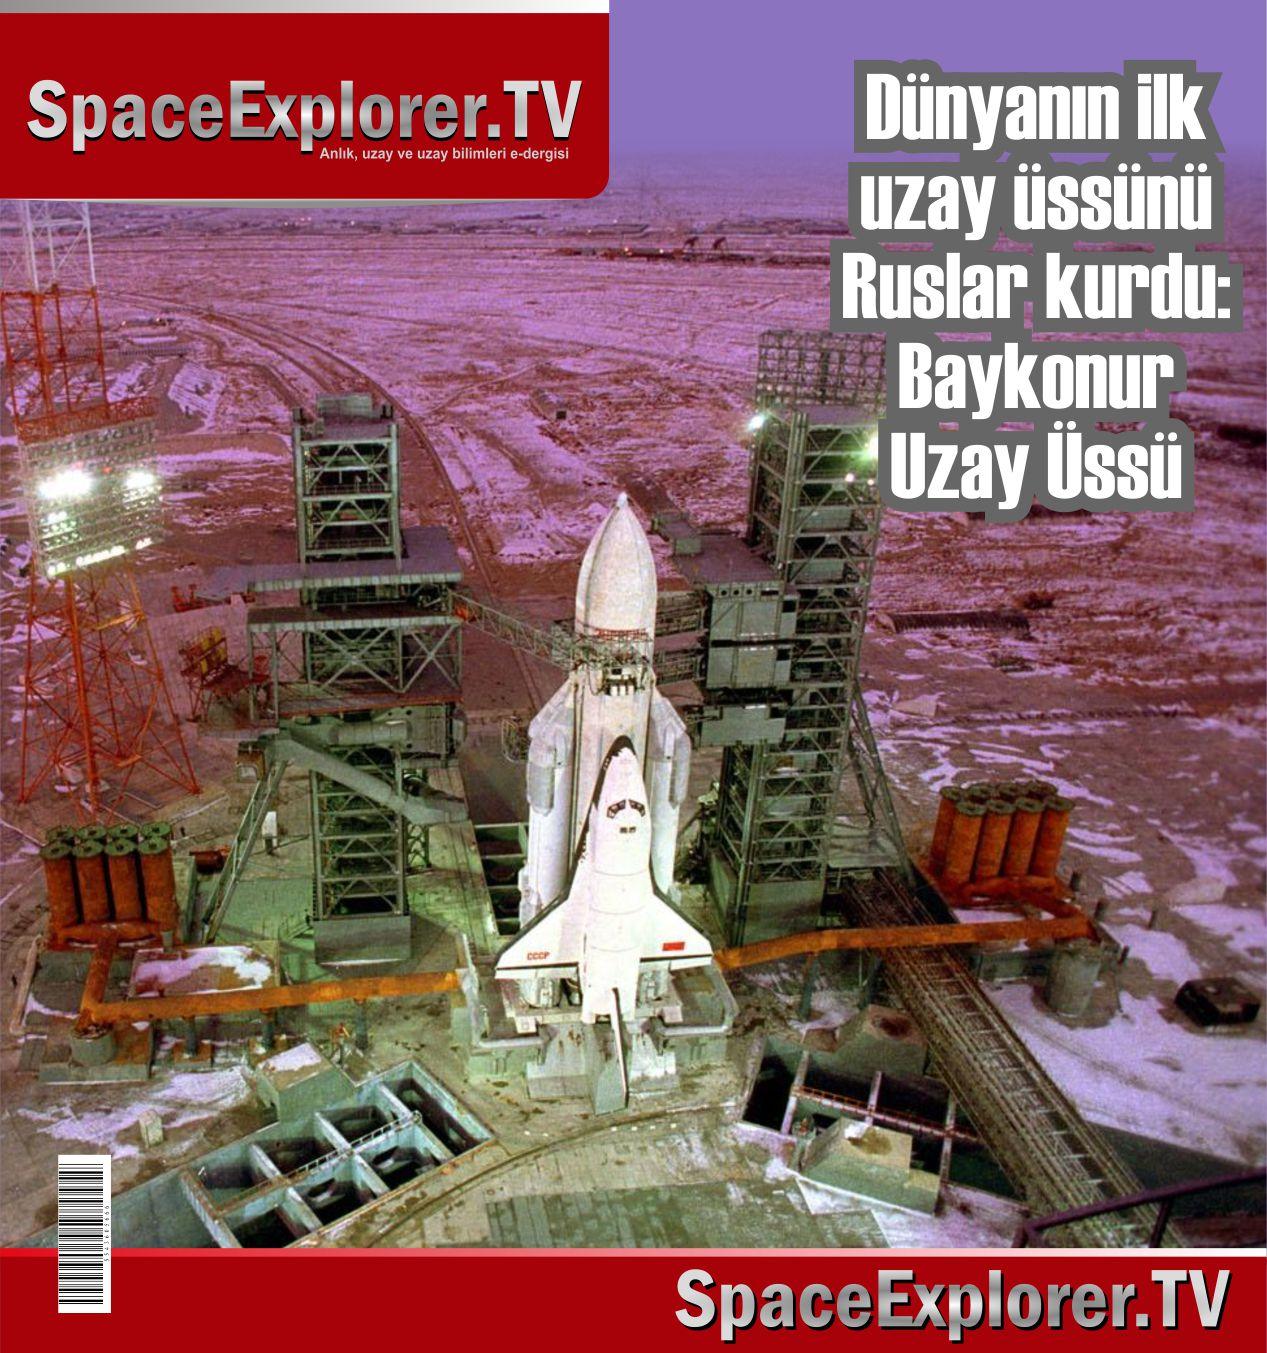 Baykonur uzay üssü, Rusya, SSCB, Sovyet uzay araştırmaları, Kazakistan, Uzay üsleri, Yuri Gagarin, Vostok uzay araçları, Soyuz uzay mekikleri, Voshod uzay araçları, Space Explorer,